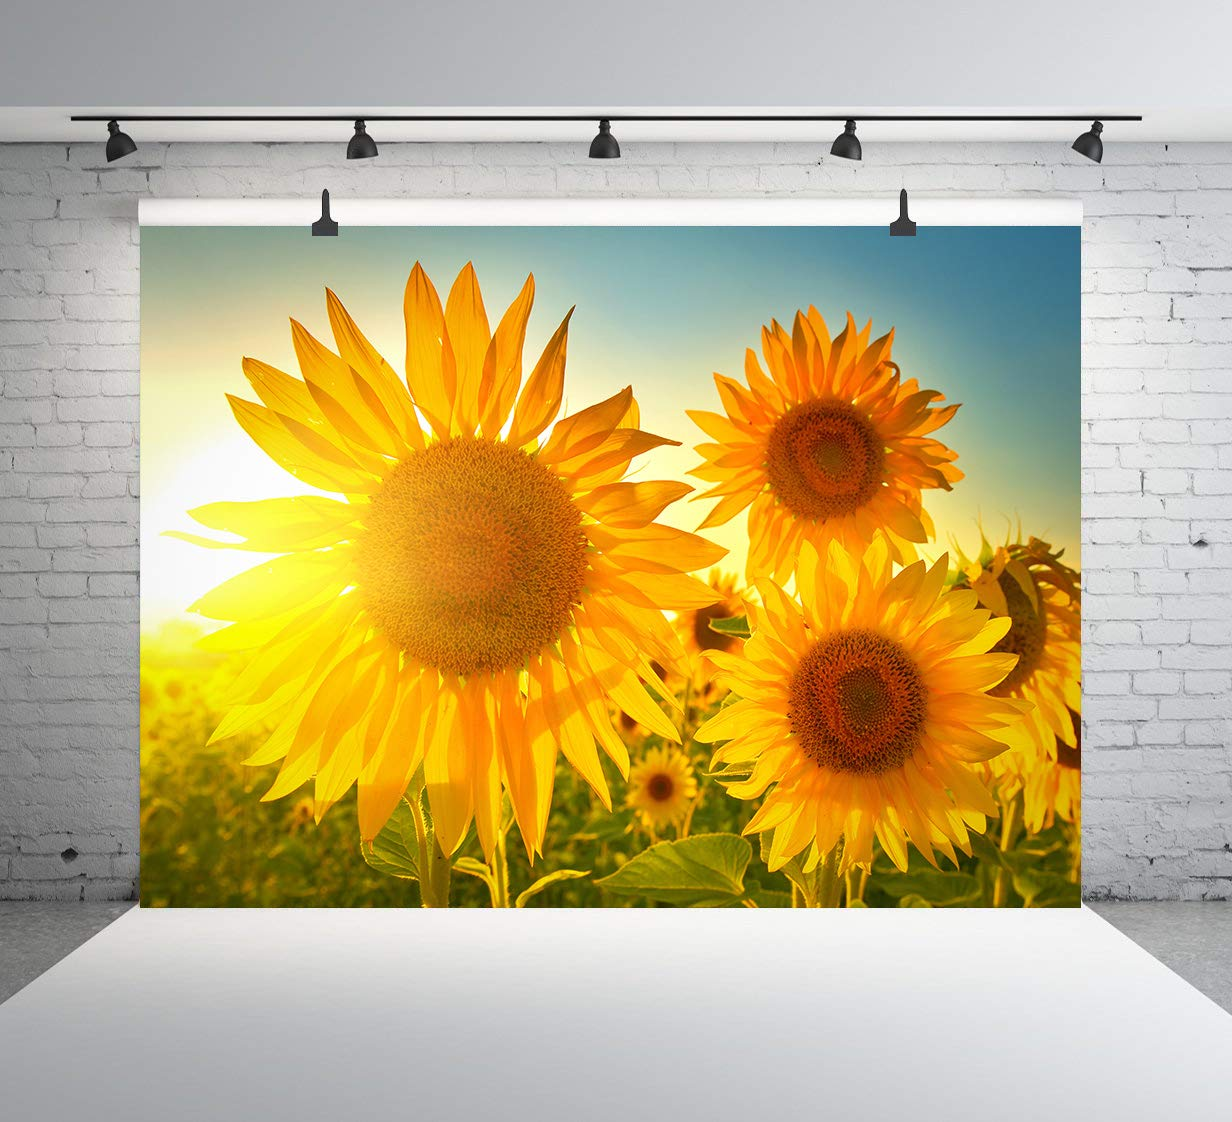 黄色いひまわり 写真背景 青い空 背景 明るい太陽の光 背景 花嫁 シャワー 背景 結婚式 パーティー 女の子 女性 写真 スタジオ 背景 ハッピーバースデーパーティー 背景 10x7フィート E00T9695   B07NW3L83N